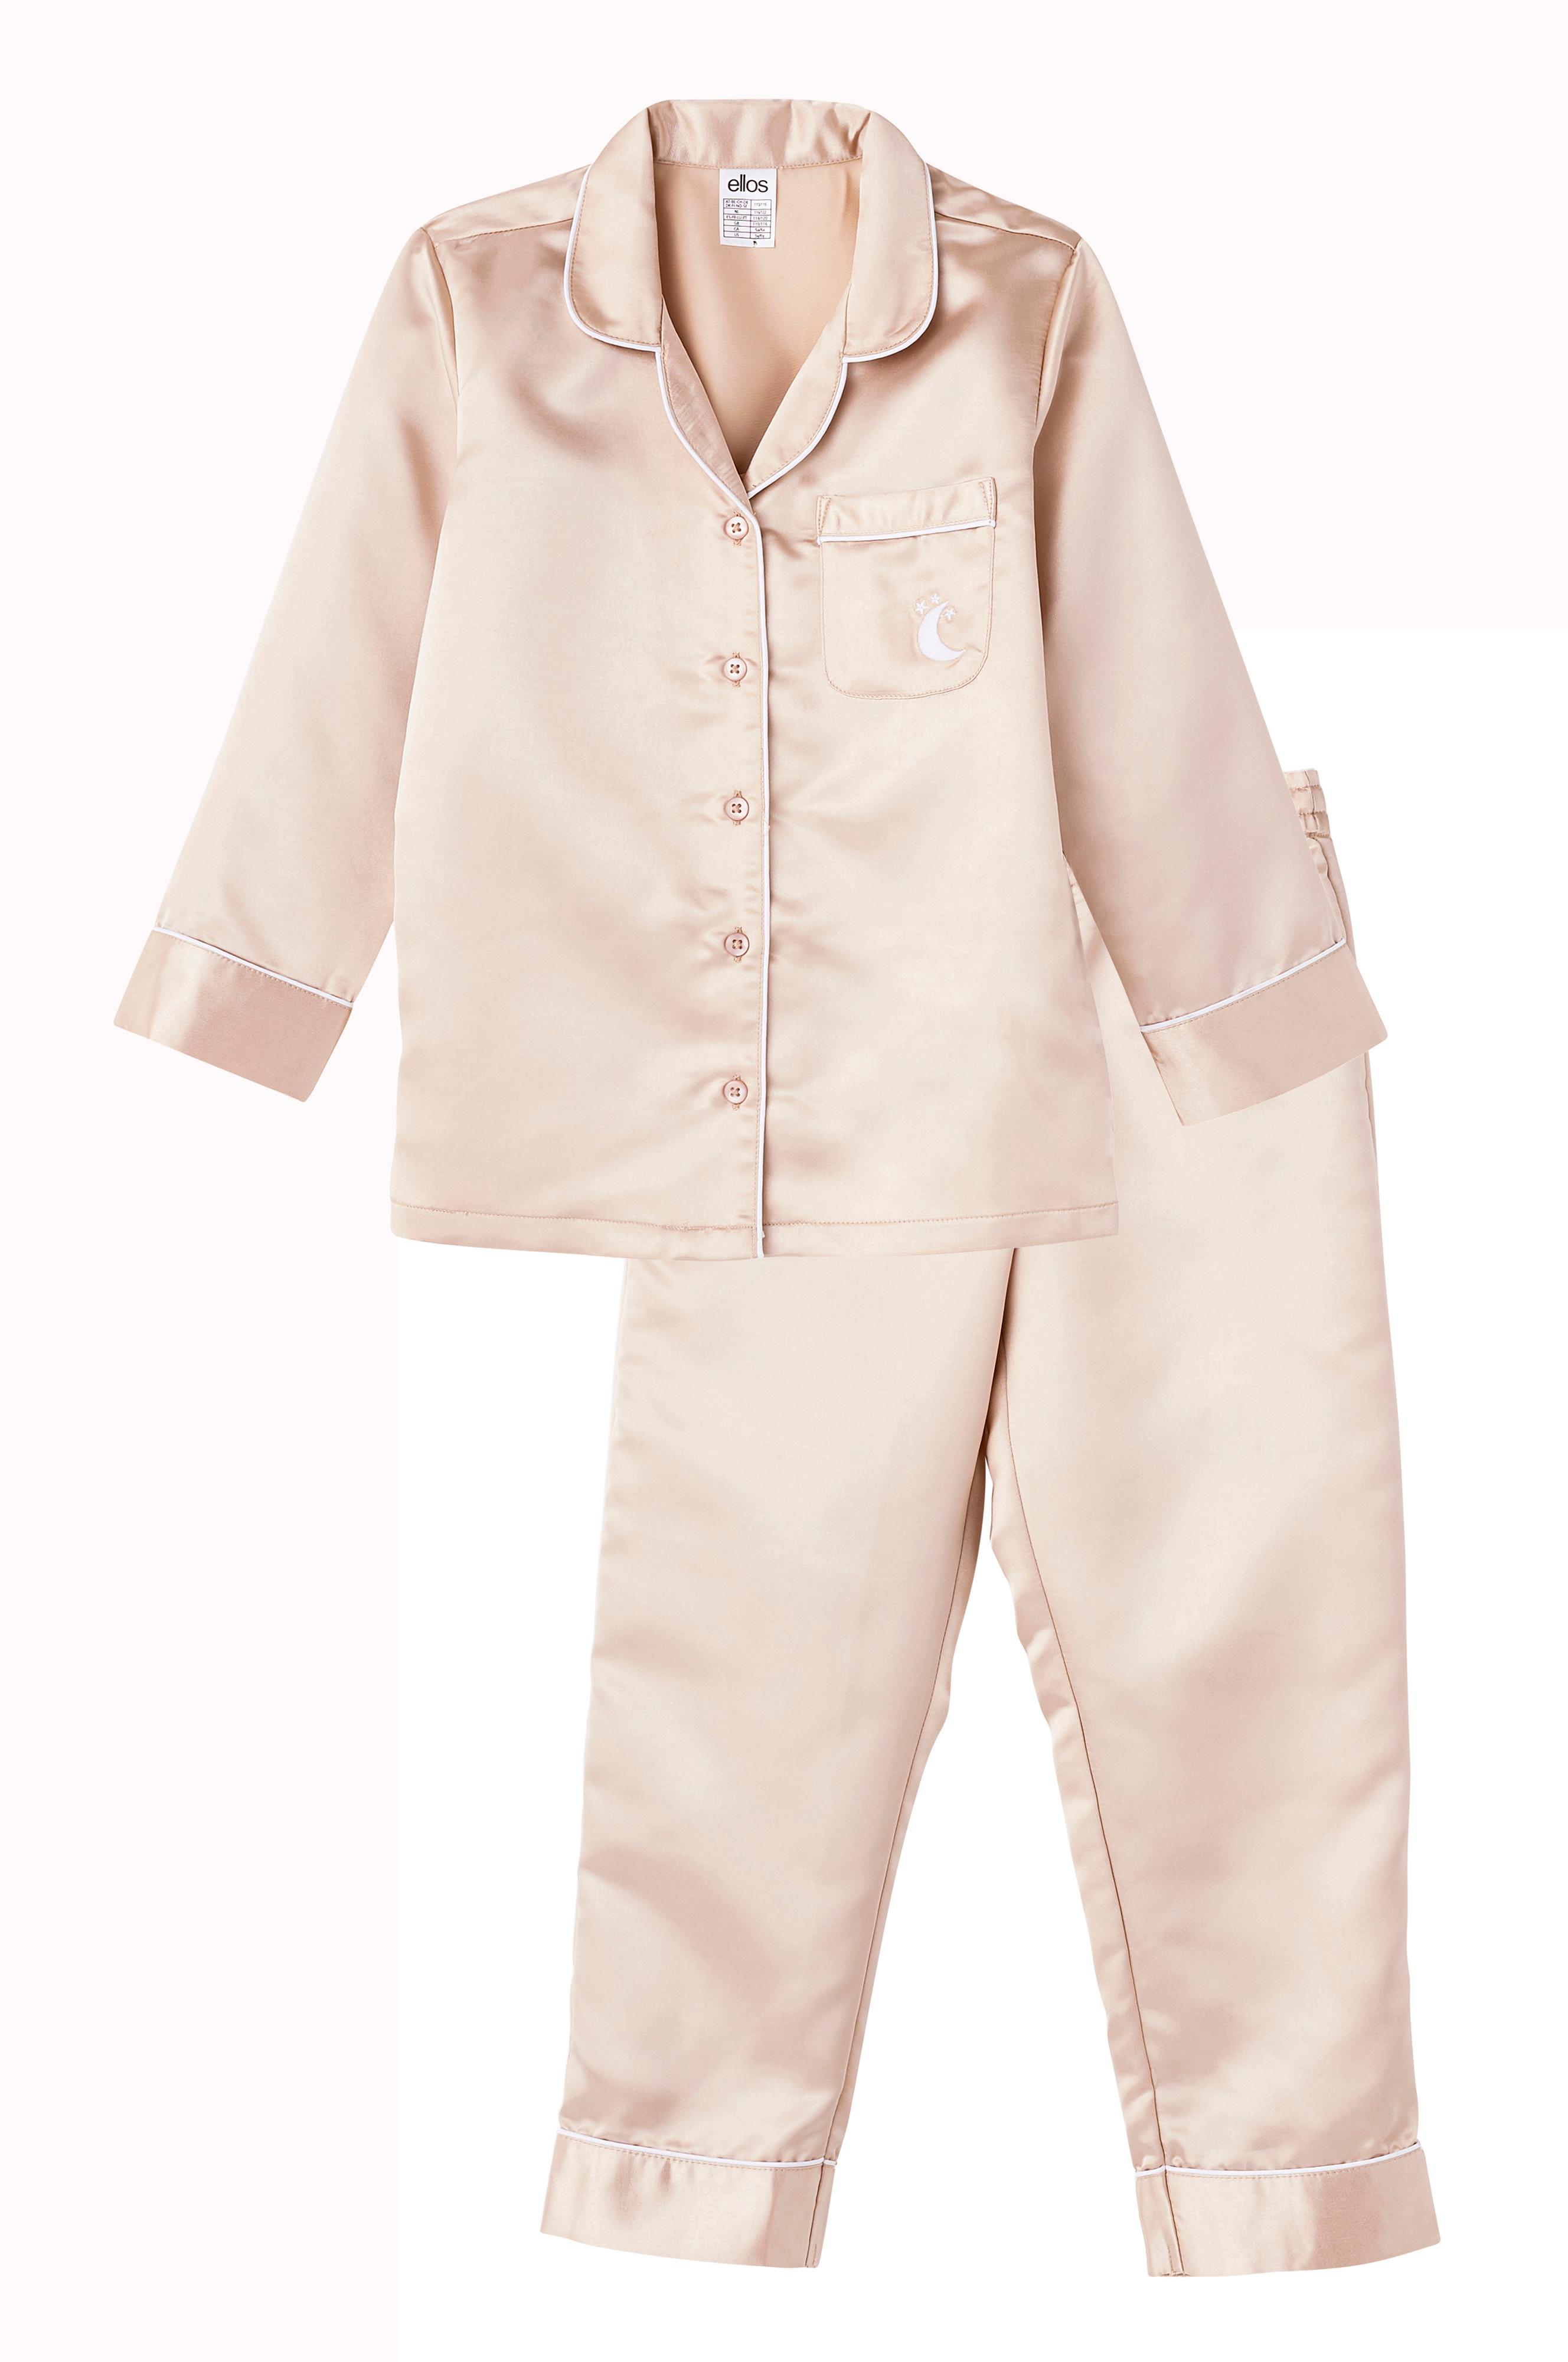 Ellos Kids Pyjamas Dream i sateng 2 deler Gull Barn Ellos no